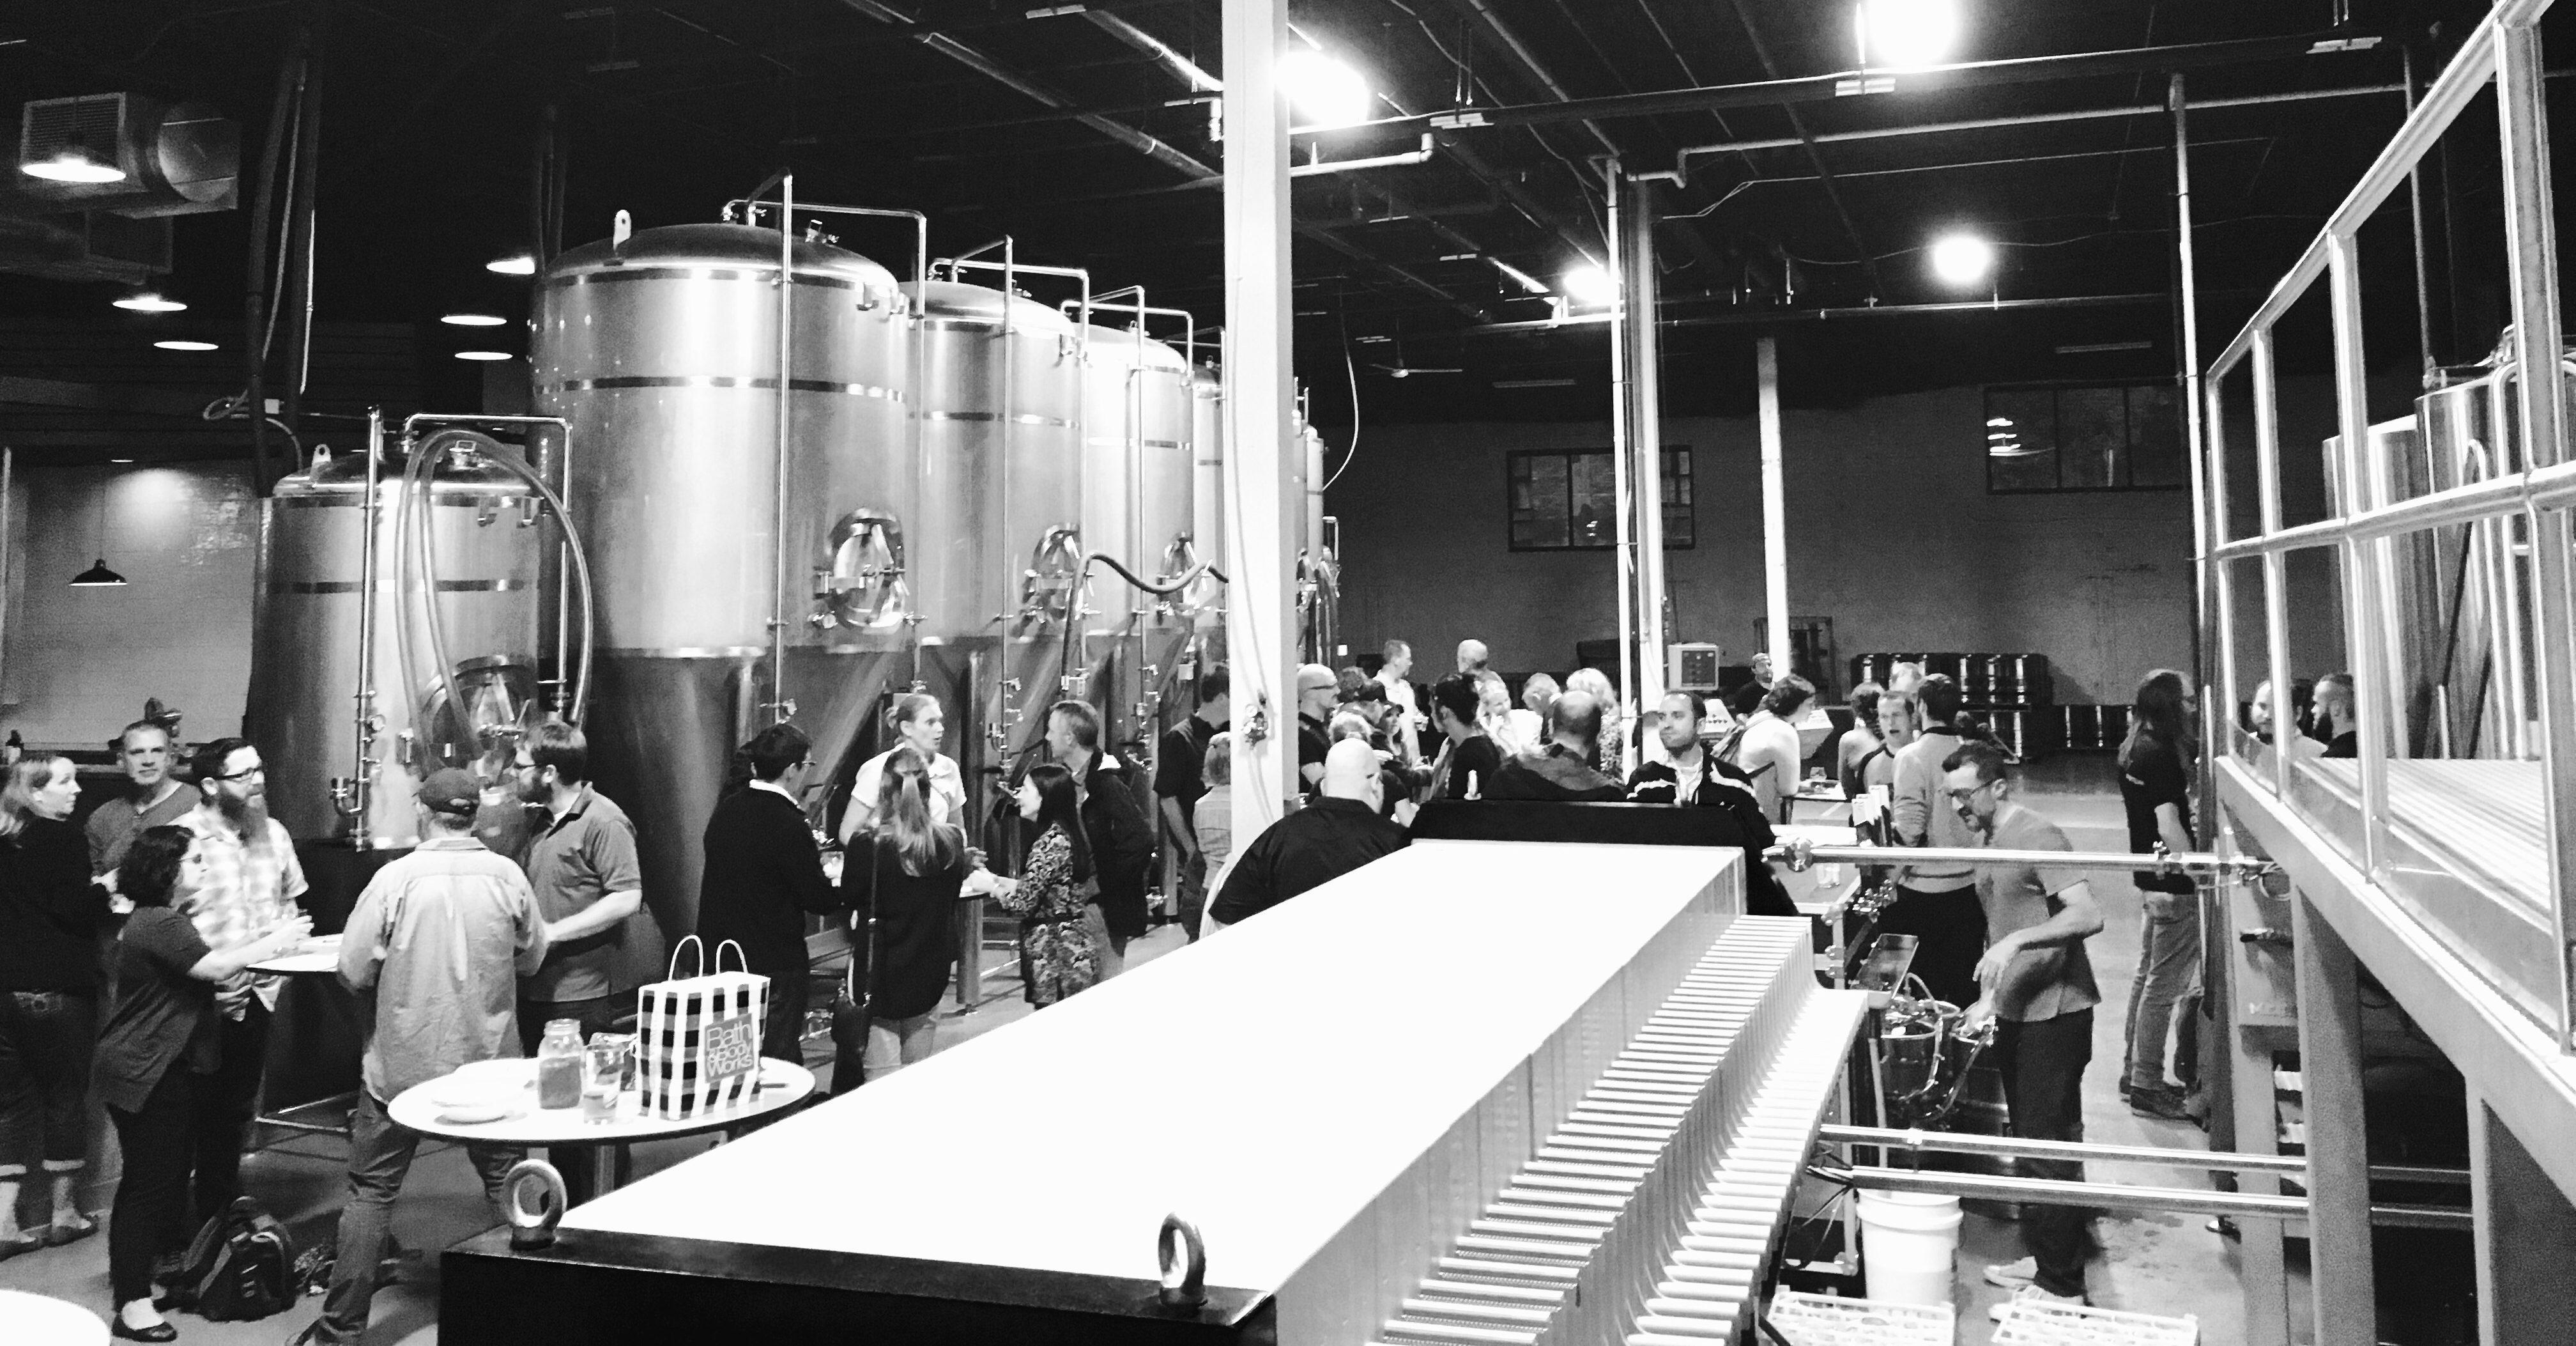 Host an Event - Modist Brewing Co.